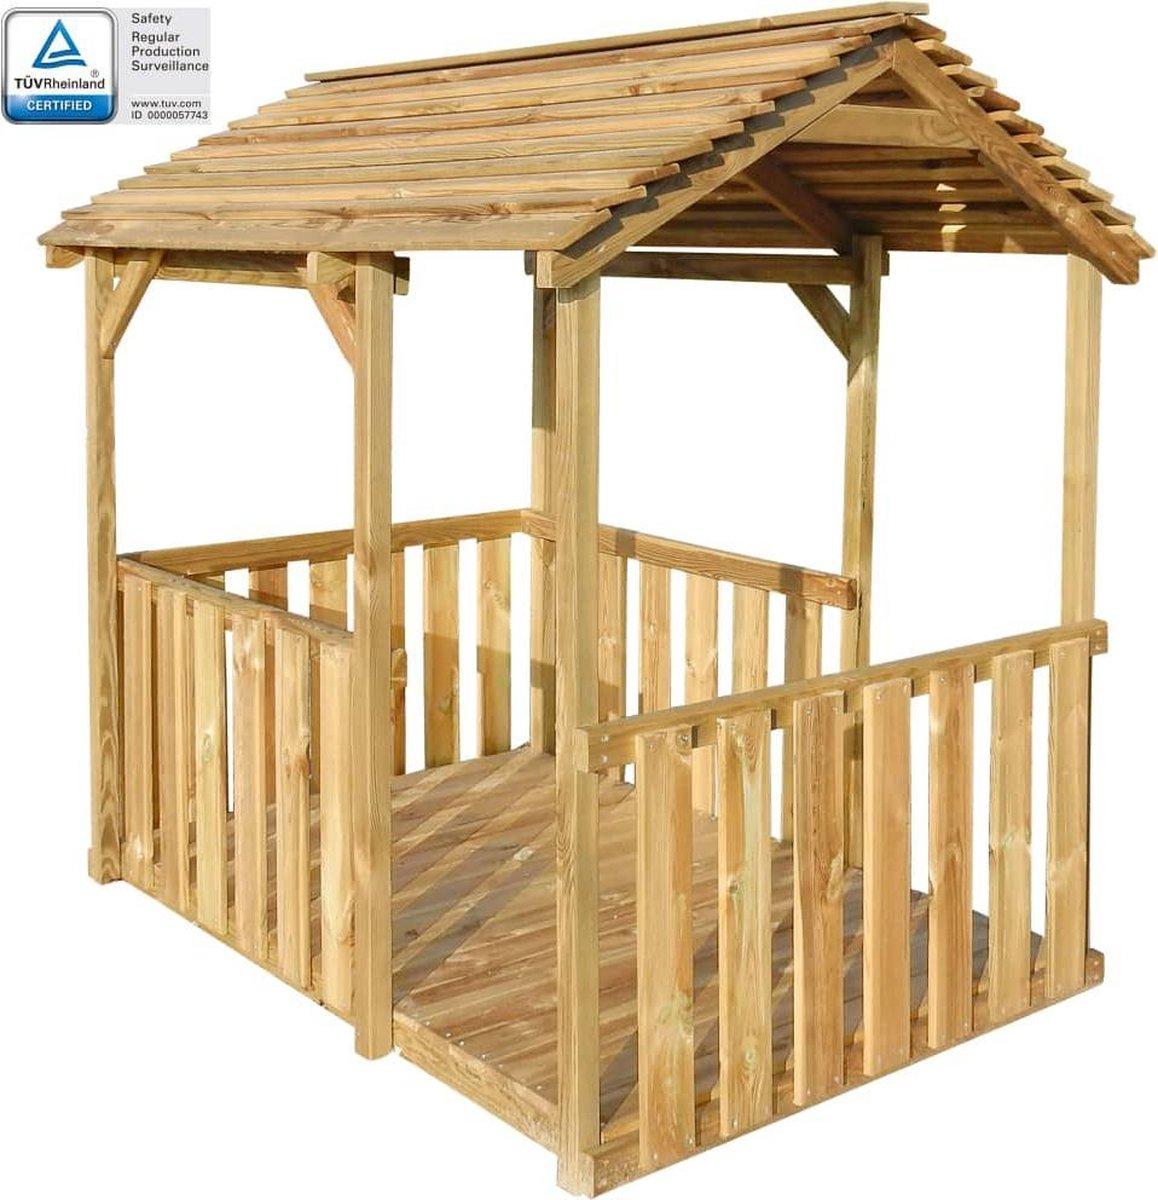 vidaXL Buitenspeelhuis 122.5x160x163 cm grenenhout